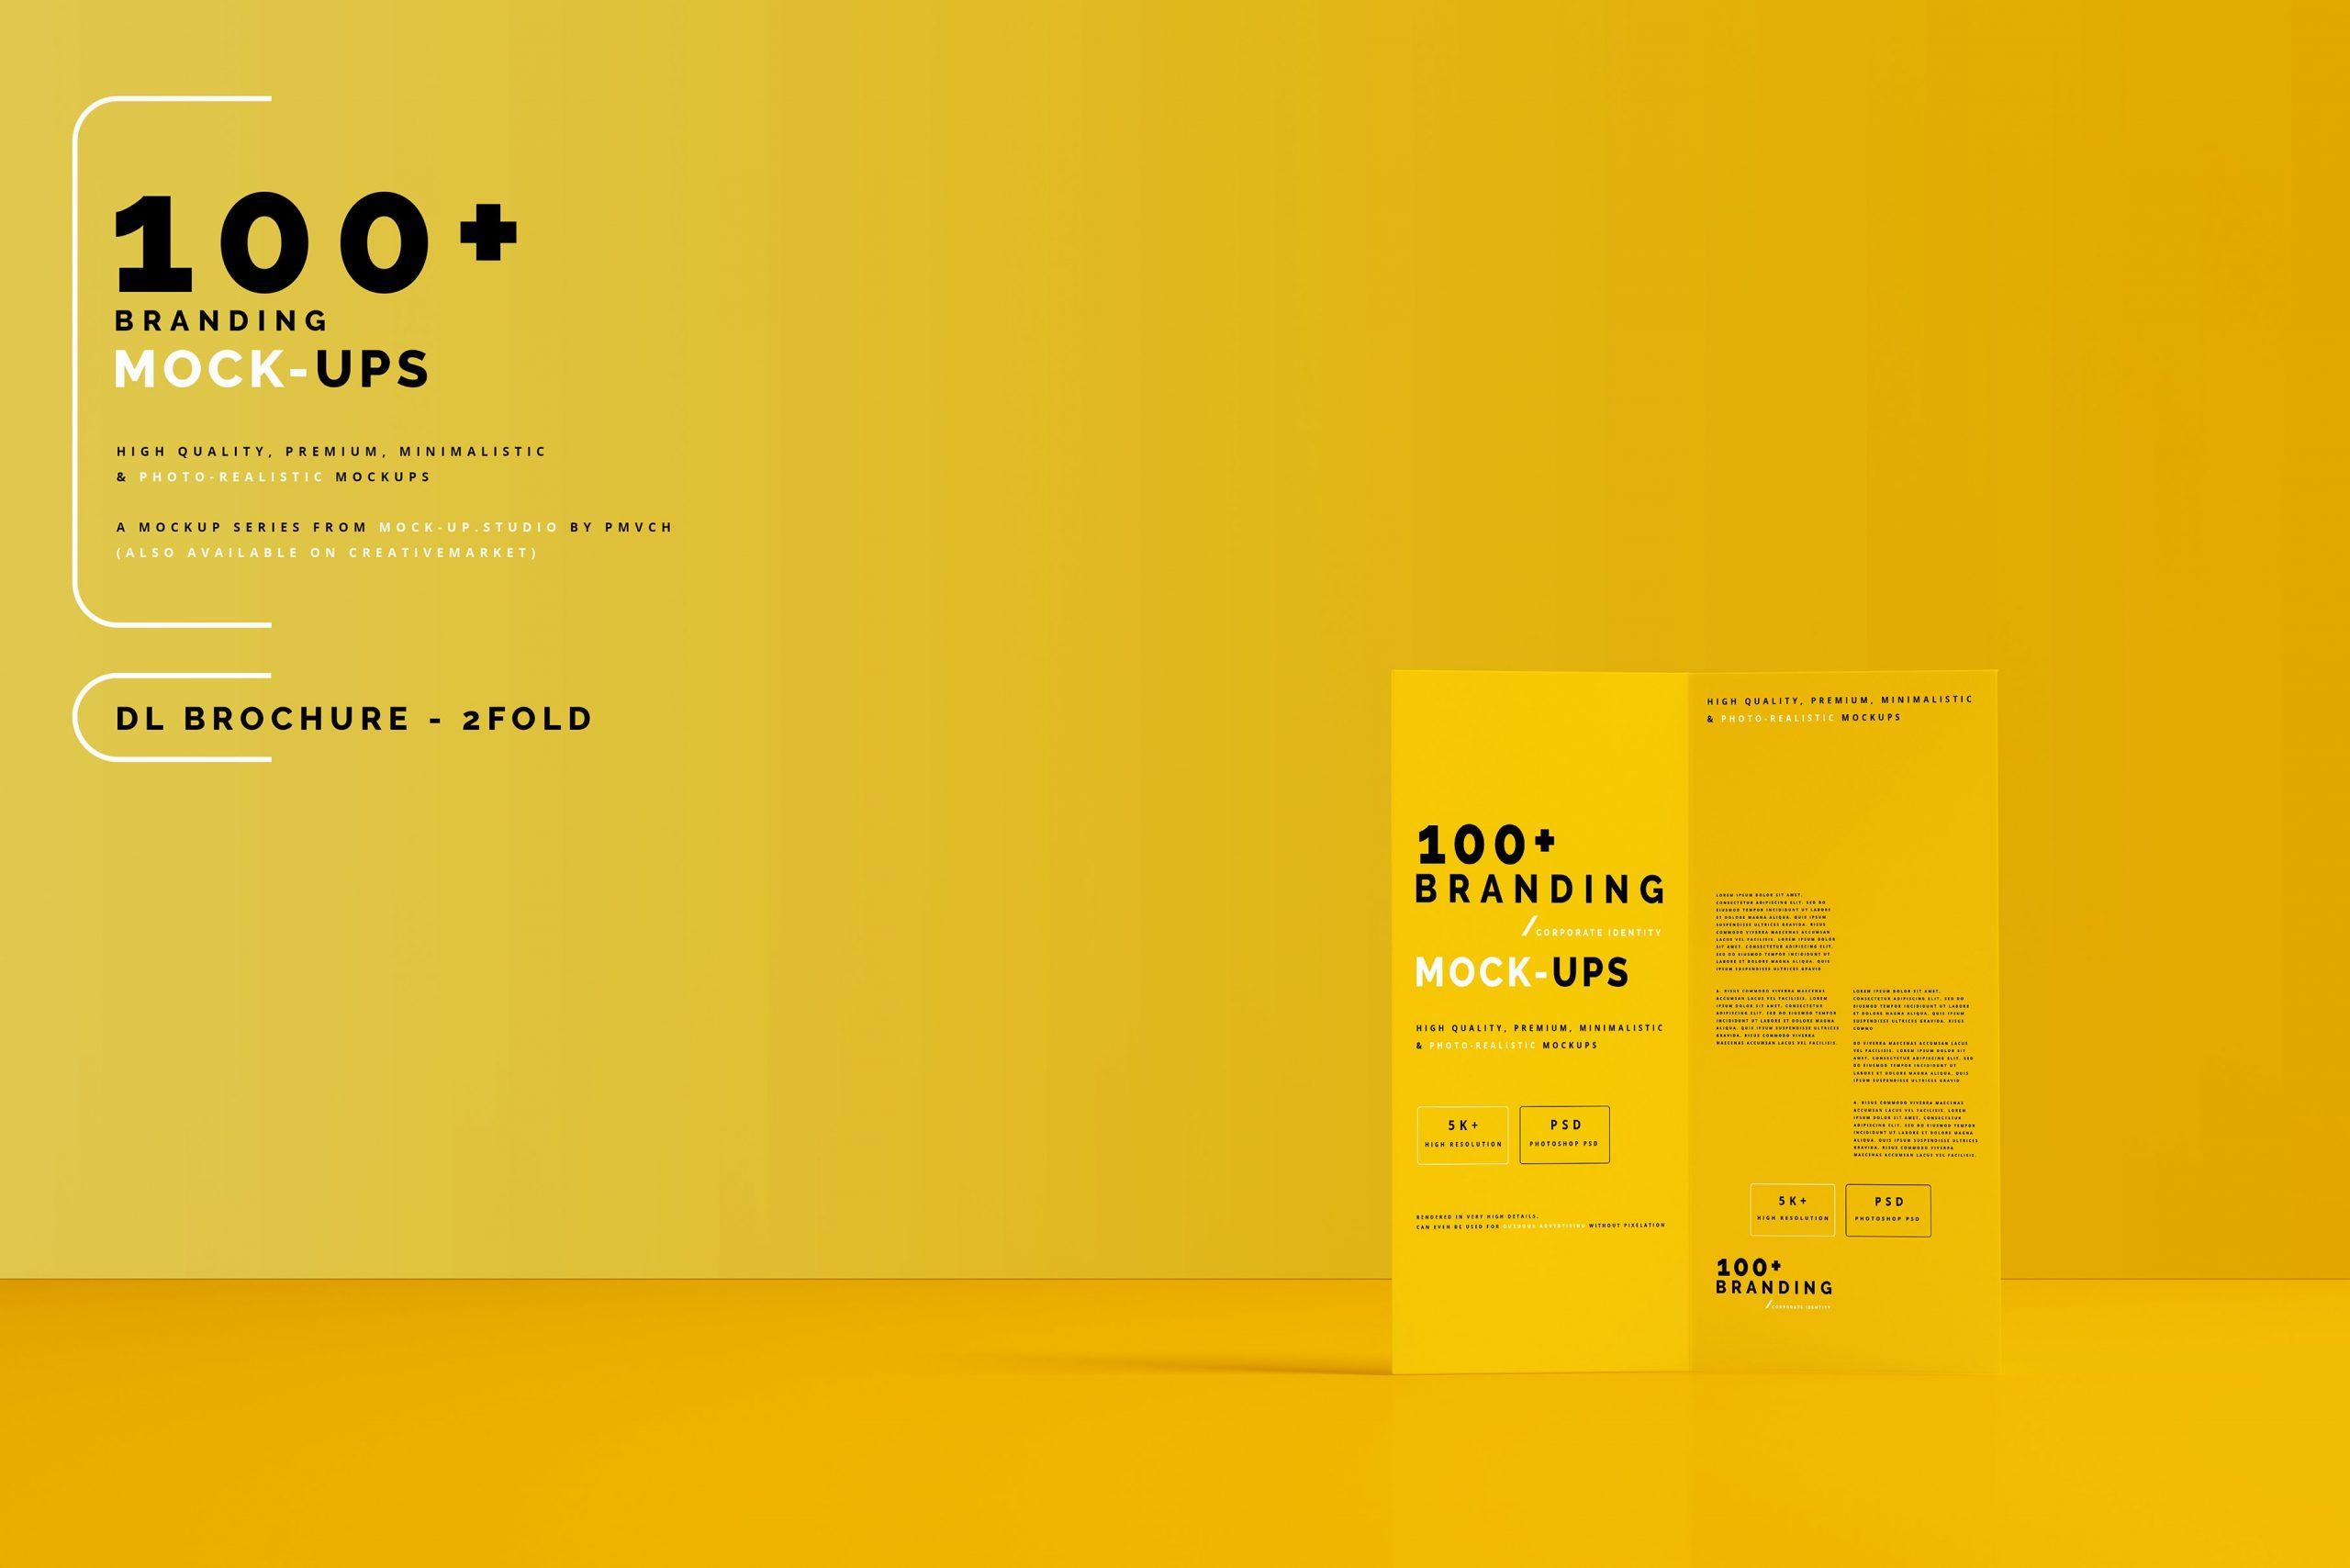 VI样机:100多个宣传册书籍瓶子名片CD封套咖啡杯化妆品海报横幅高分辨率品牌PSD样机(4248)插图(19)